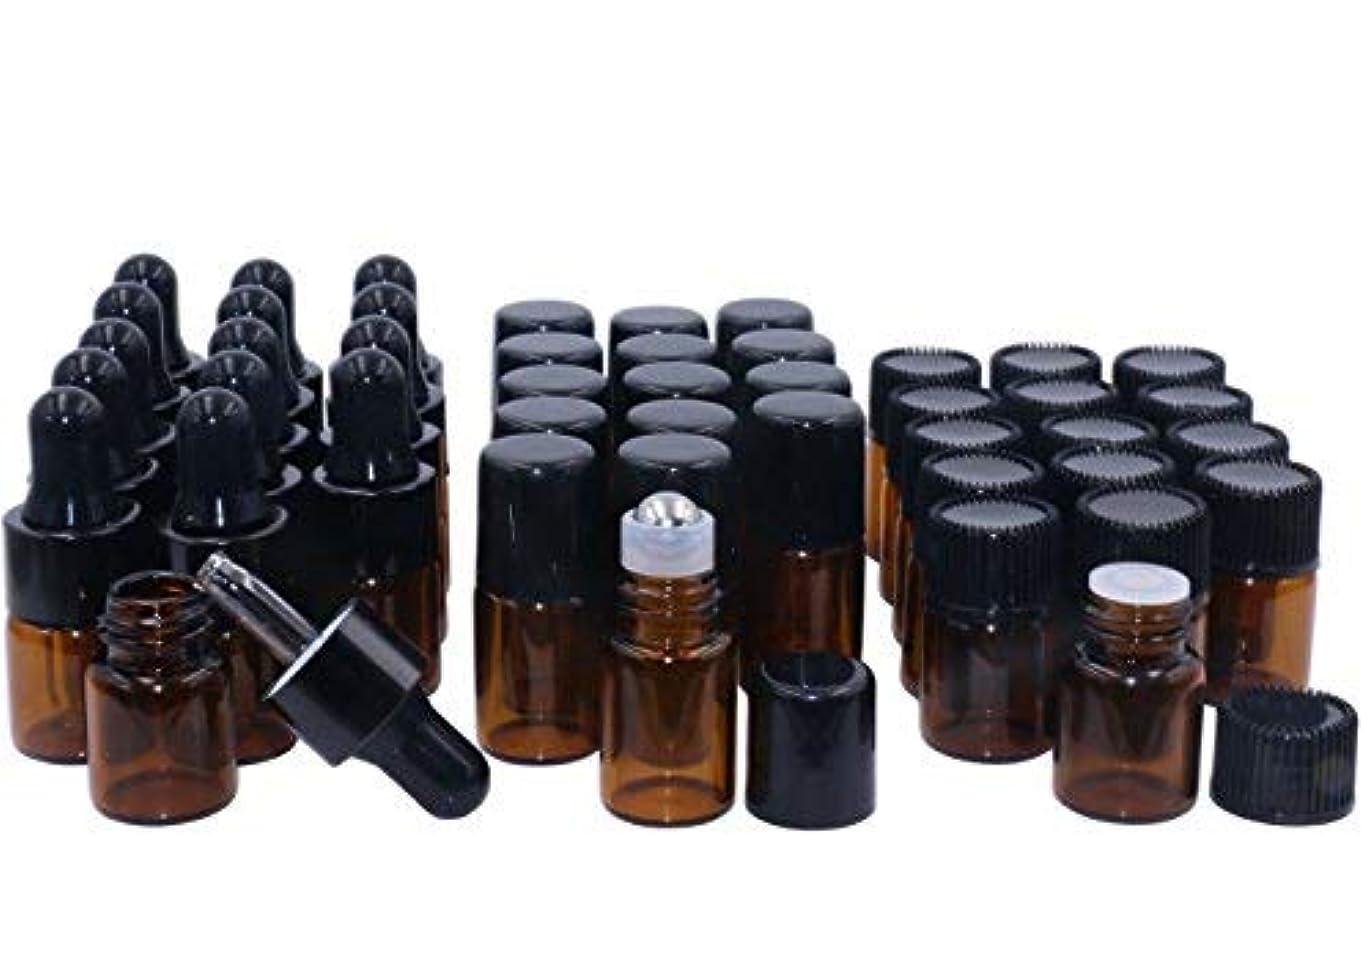 盟主ライセンスモスAmber Glass Essential Oil Bottles,2ml 15 Pack,Kit Included:Stainless Roller Ball Bottle,Eye Dropper Bottles,Aromatherapy...